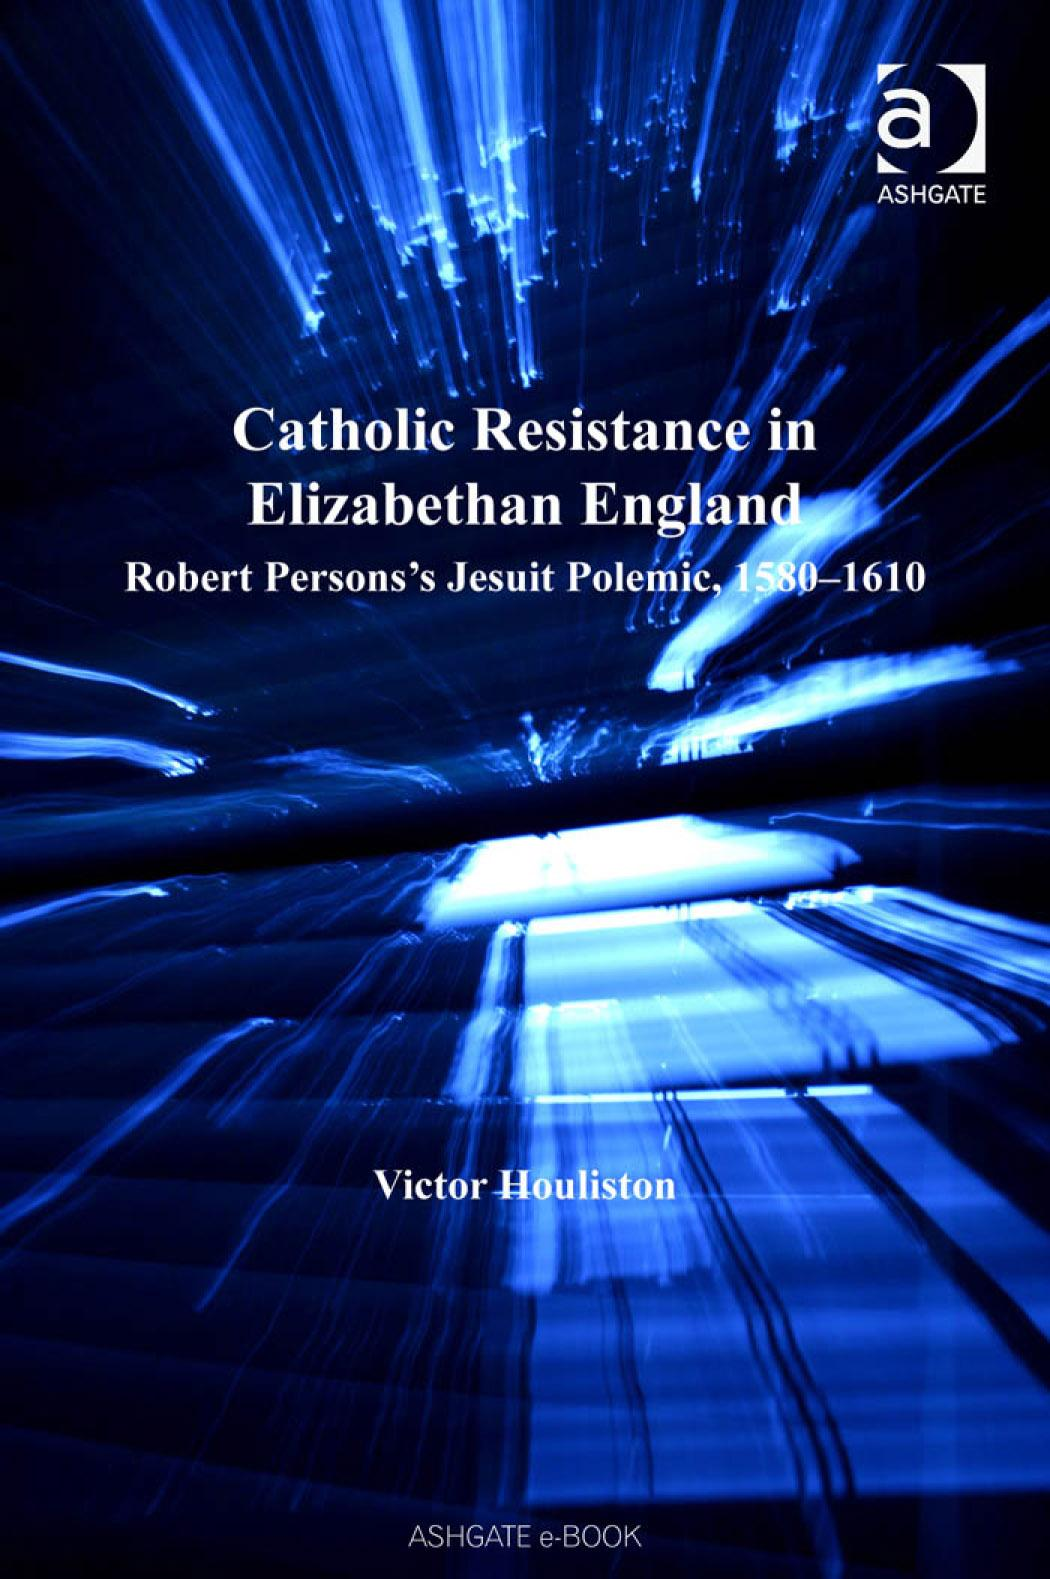 Catholic Resistance in Elizabethan England: Robert Persons's Jesuit Polemic, 1580-1610. Catholic Christendom, 1300-1700. EB9780754686682